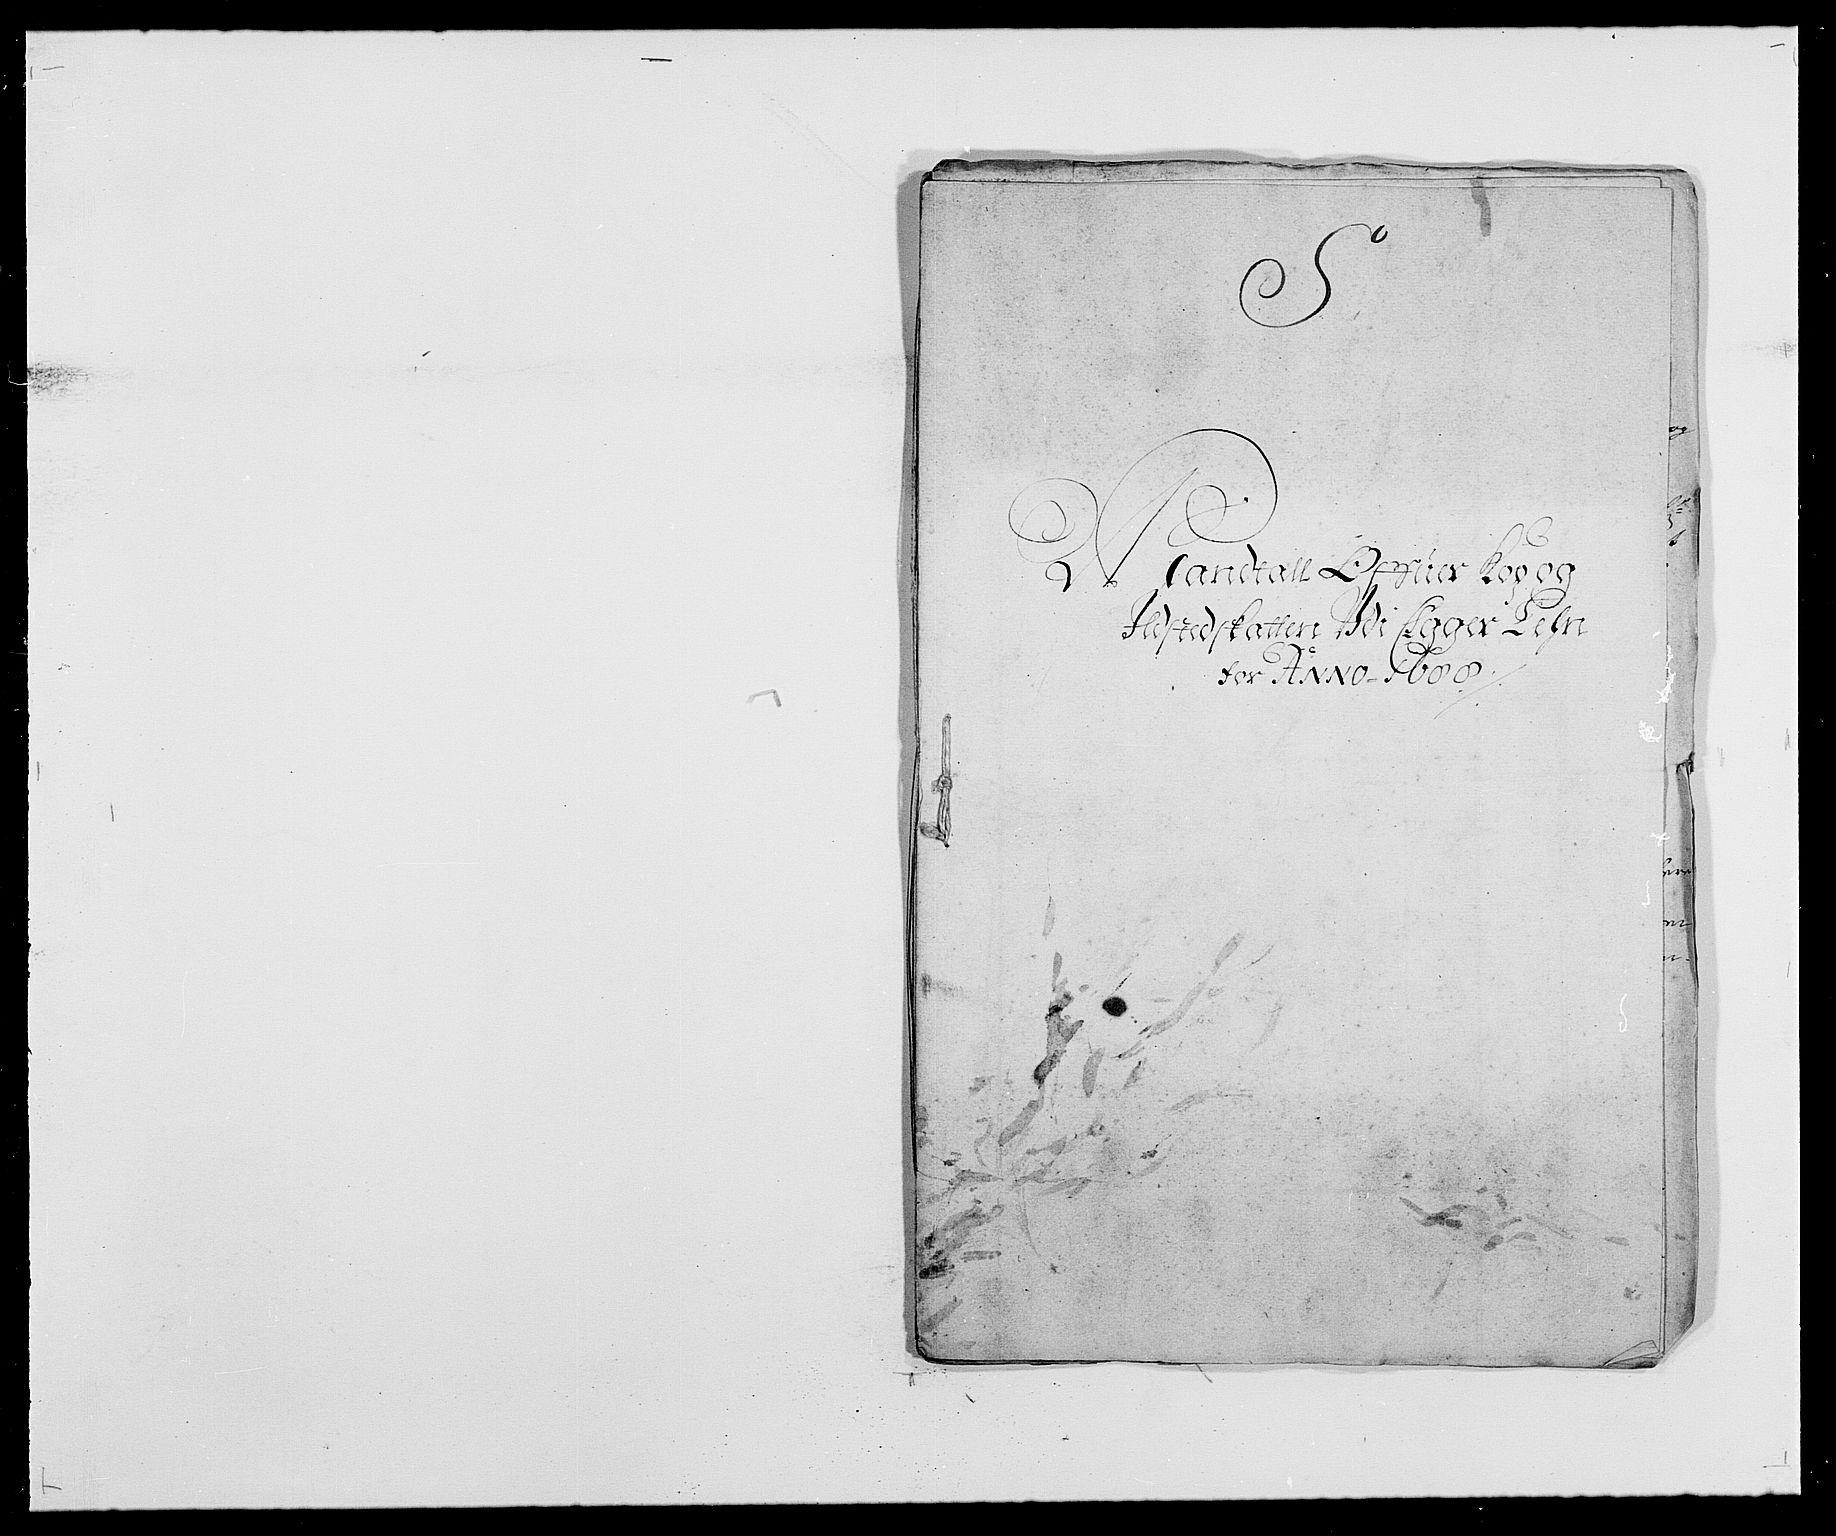 RA, Rentekammeret inntil 1814, Reviderte regnskaper, Fogderegnskap, R28/L1688: Fogderegnskap Eiker og Lier, 1687-1689, s. 272